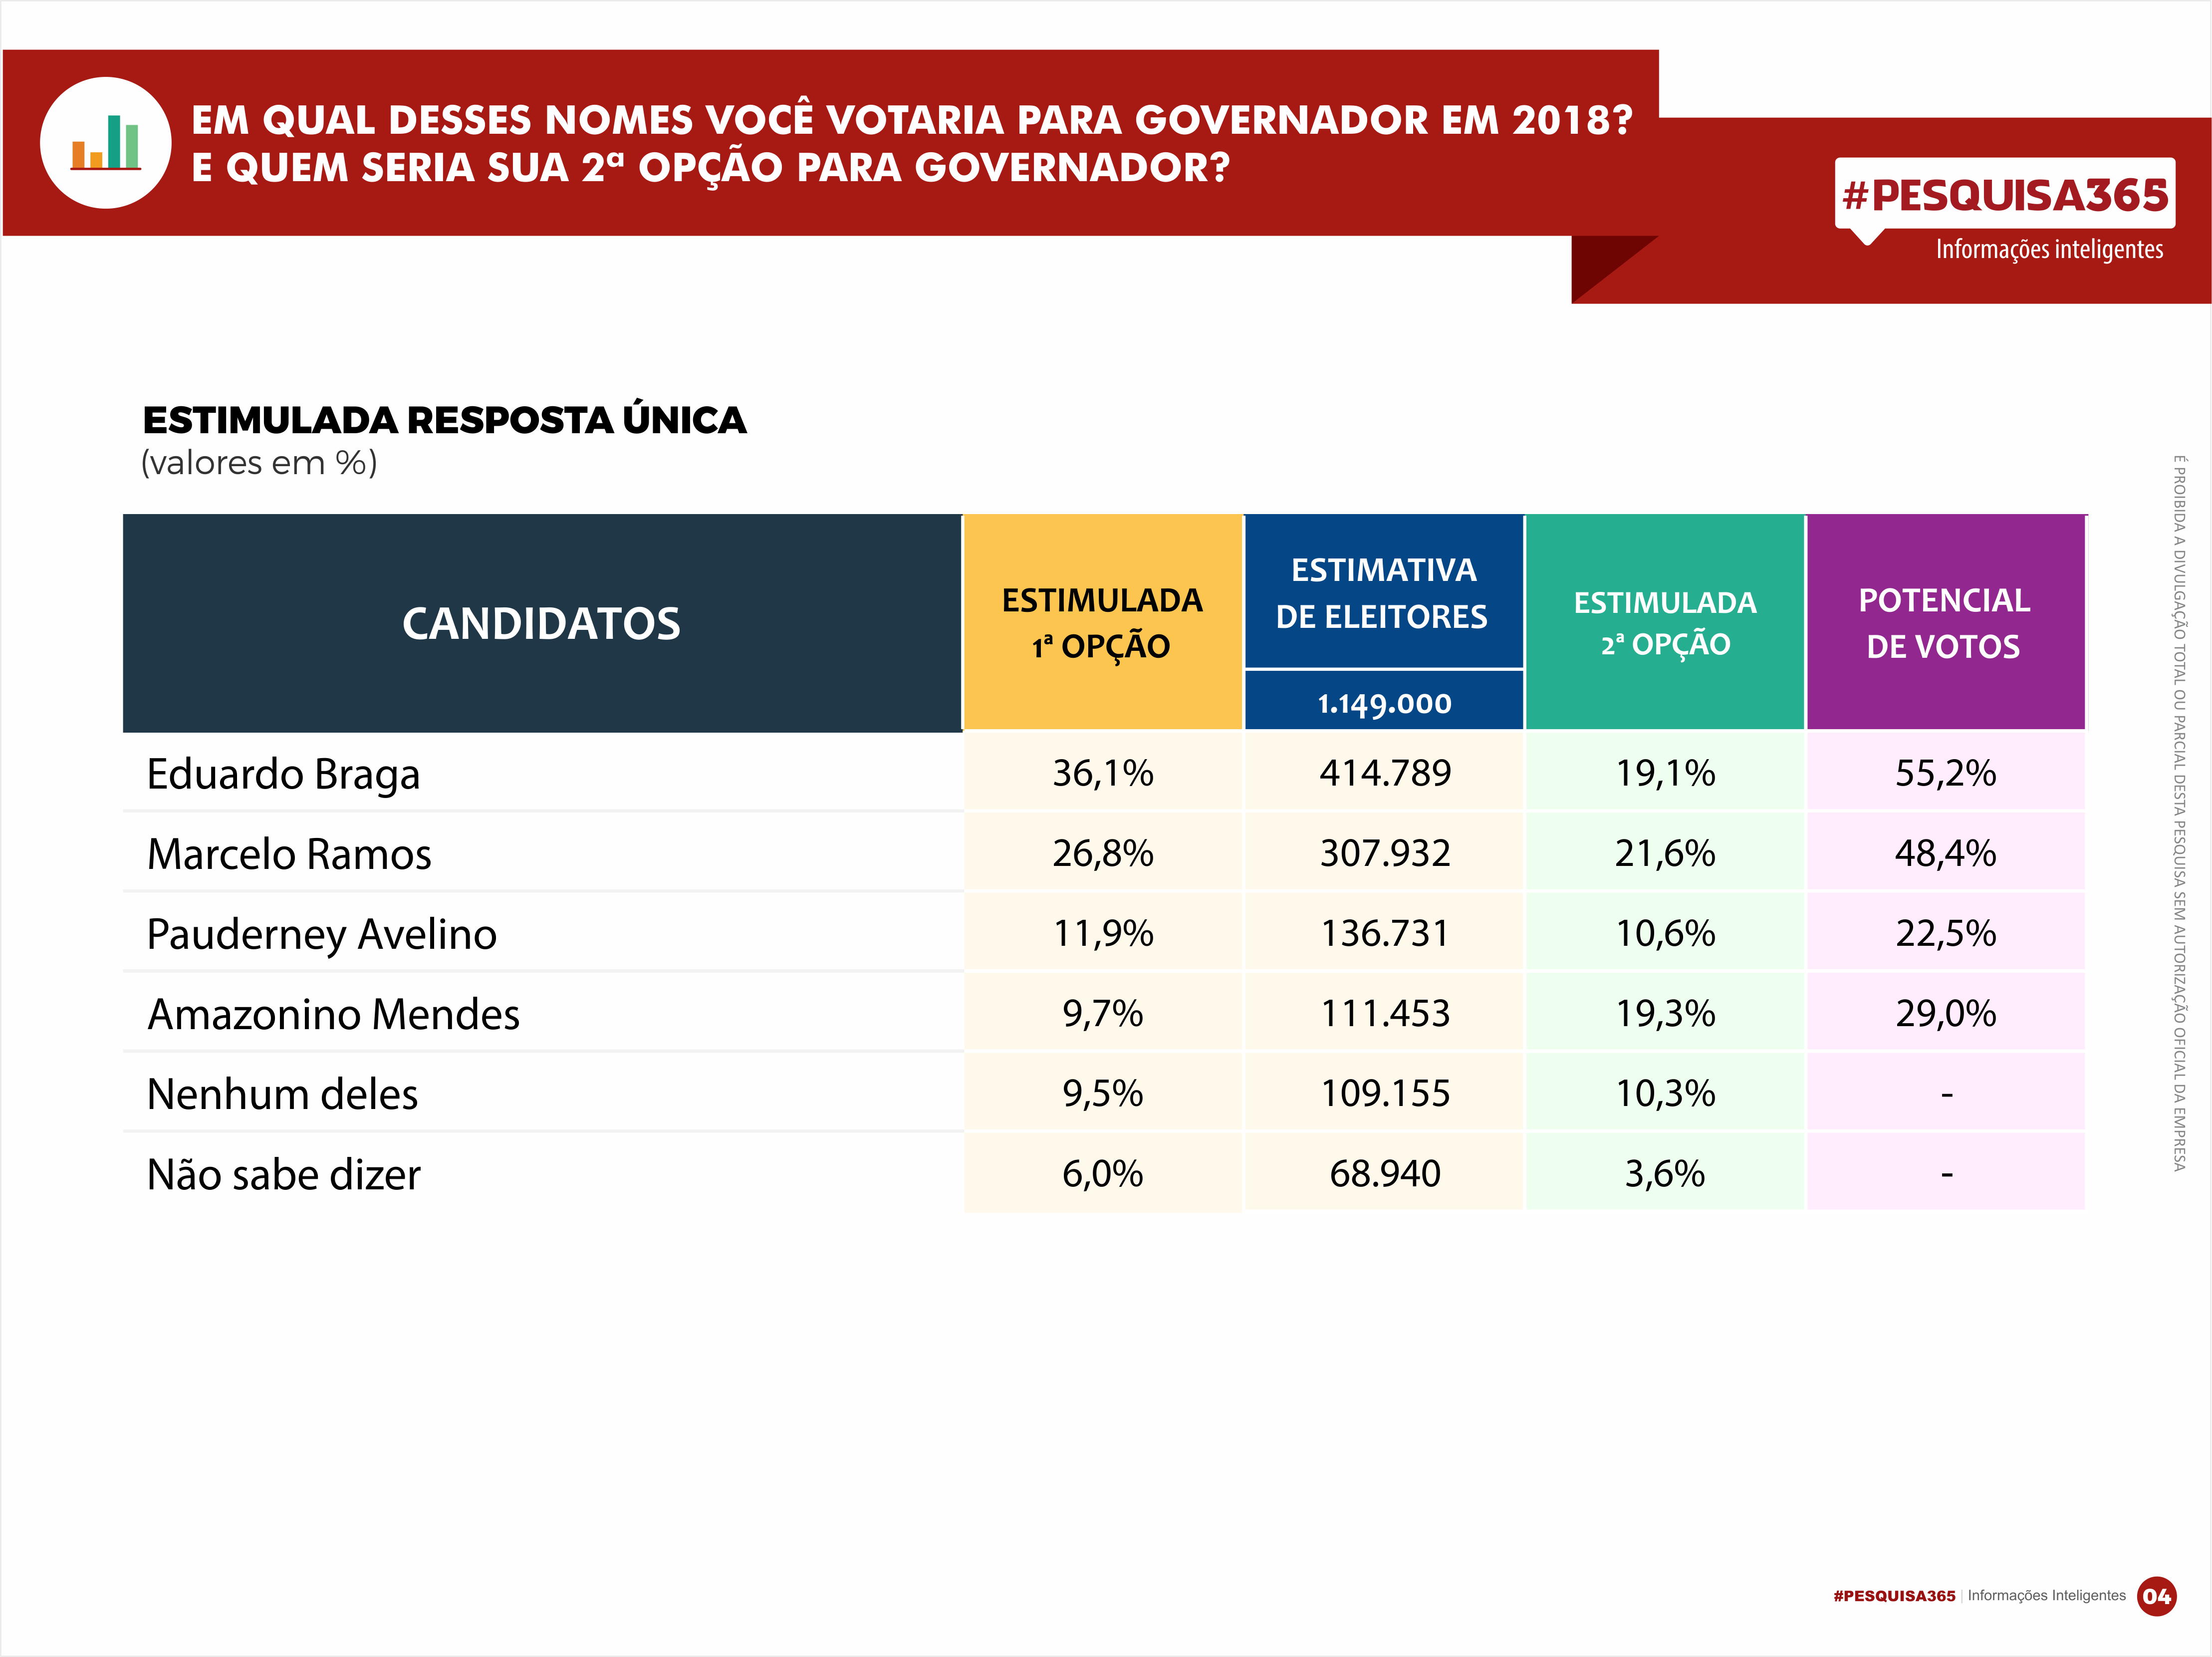 Durango Duarte - Rebecca lidera disputa para o Senado Federal em Manaus